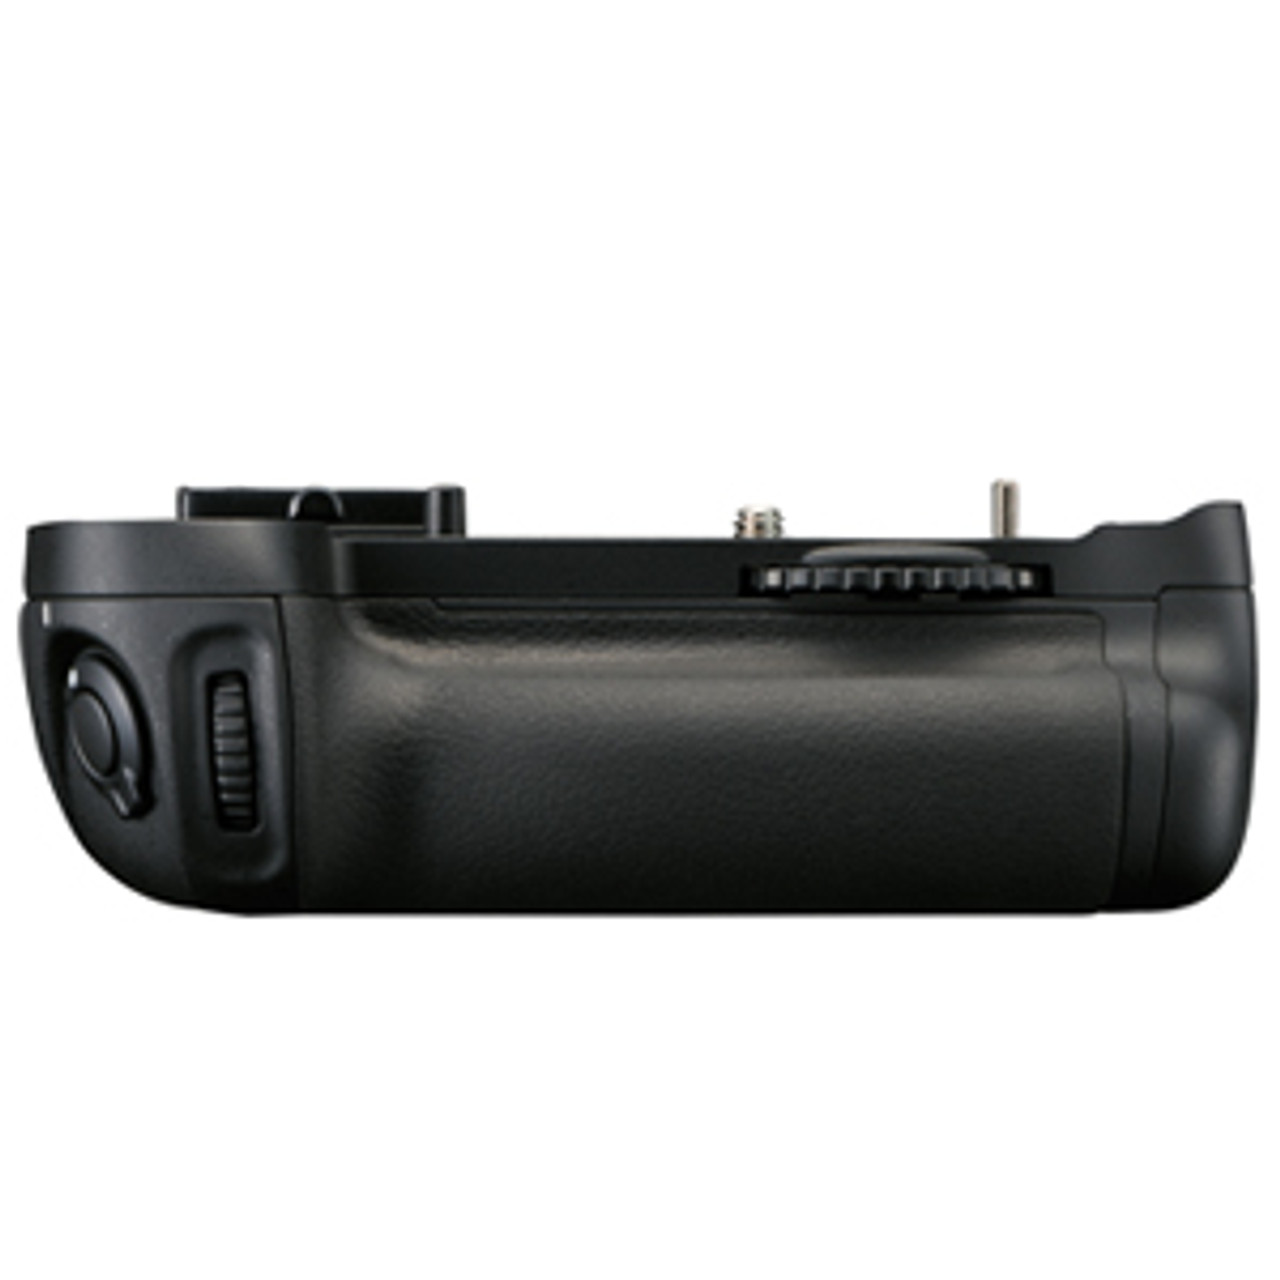 Nikon MB-D14 Multi Battery Pack